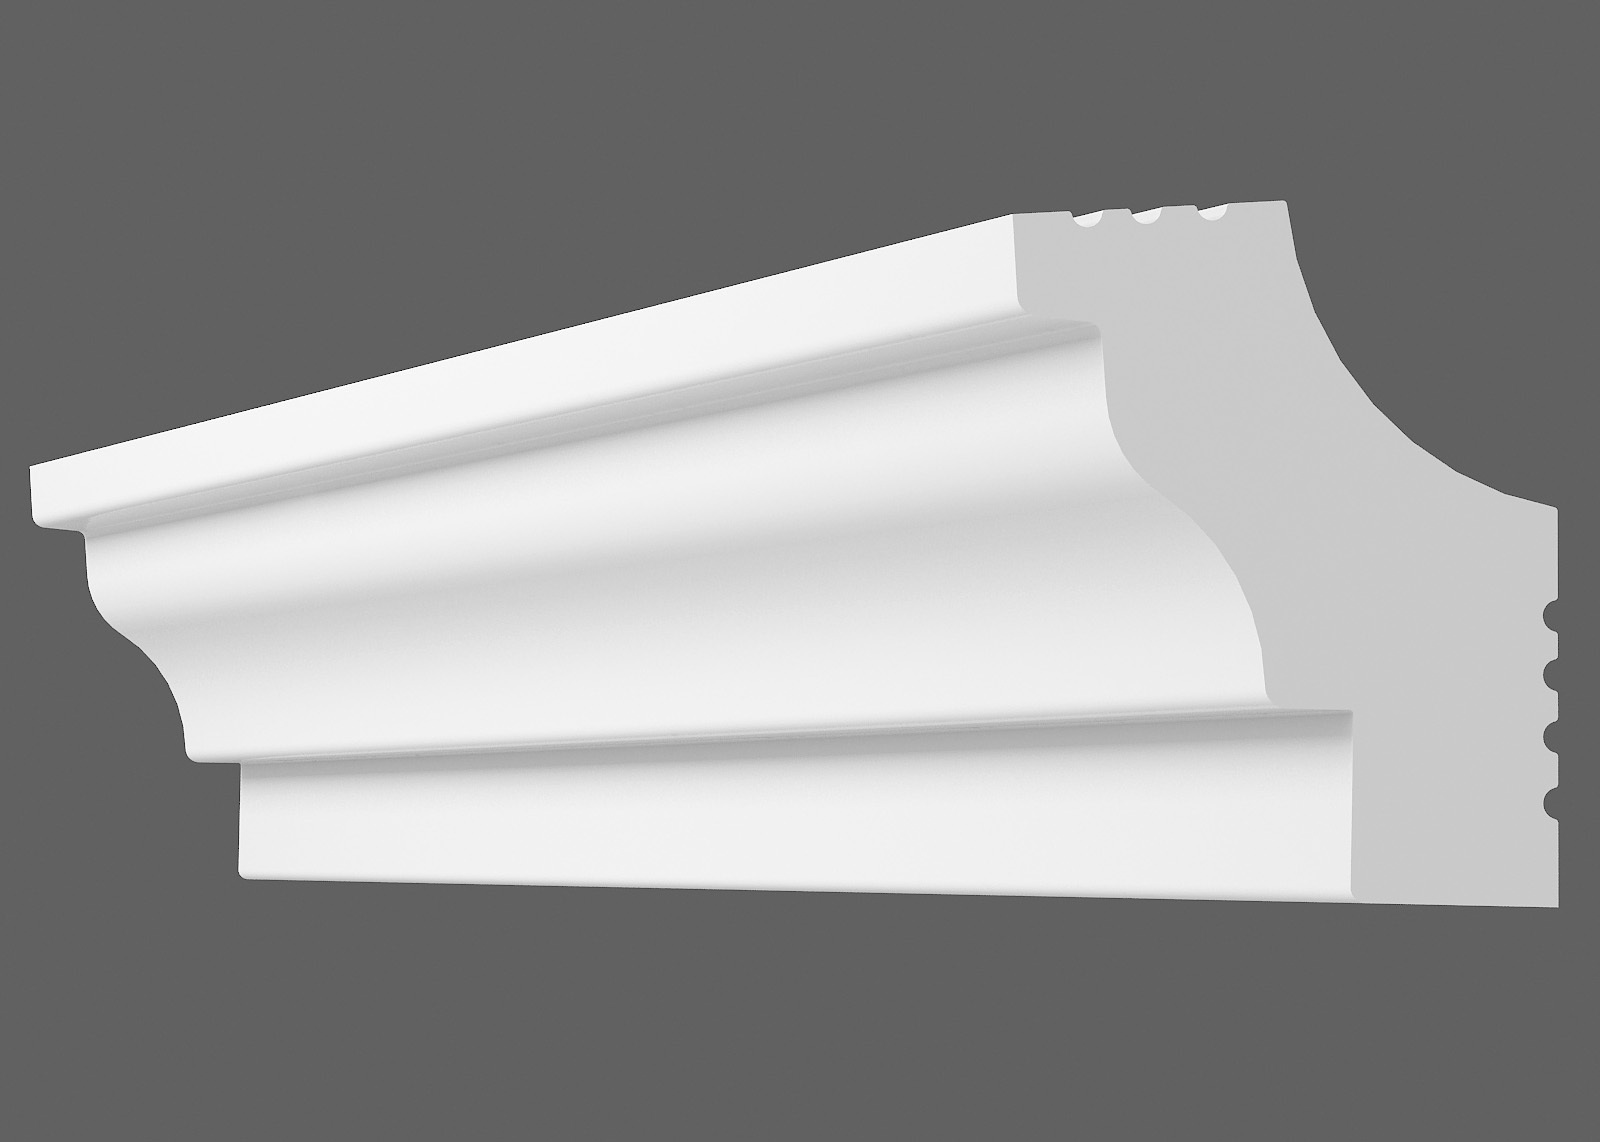 Потолочный плинтус C-30 (Размер:20х25мм)